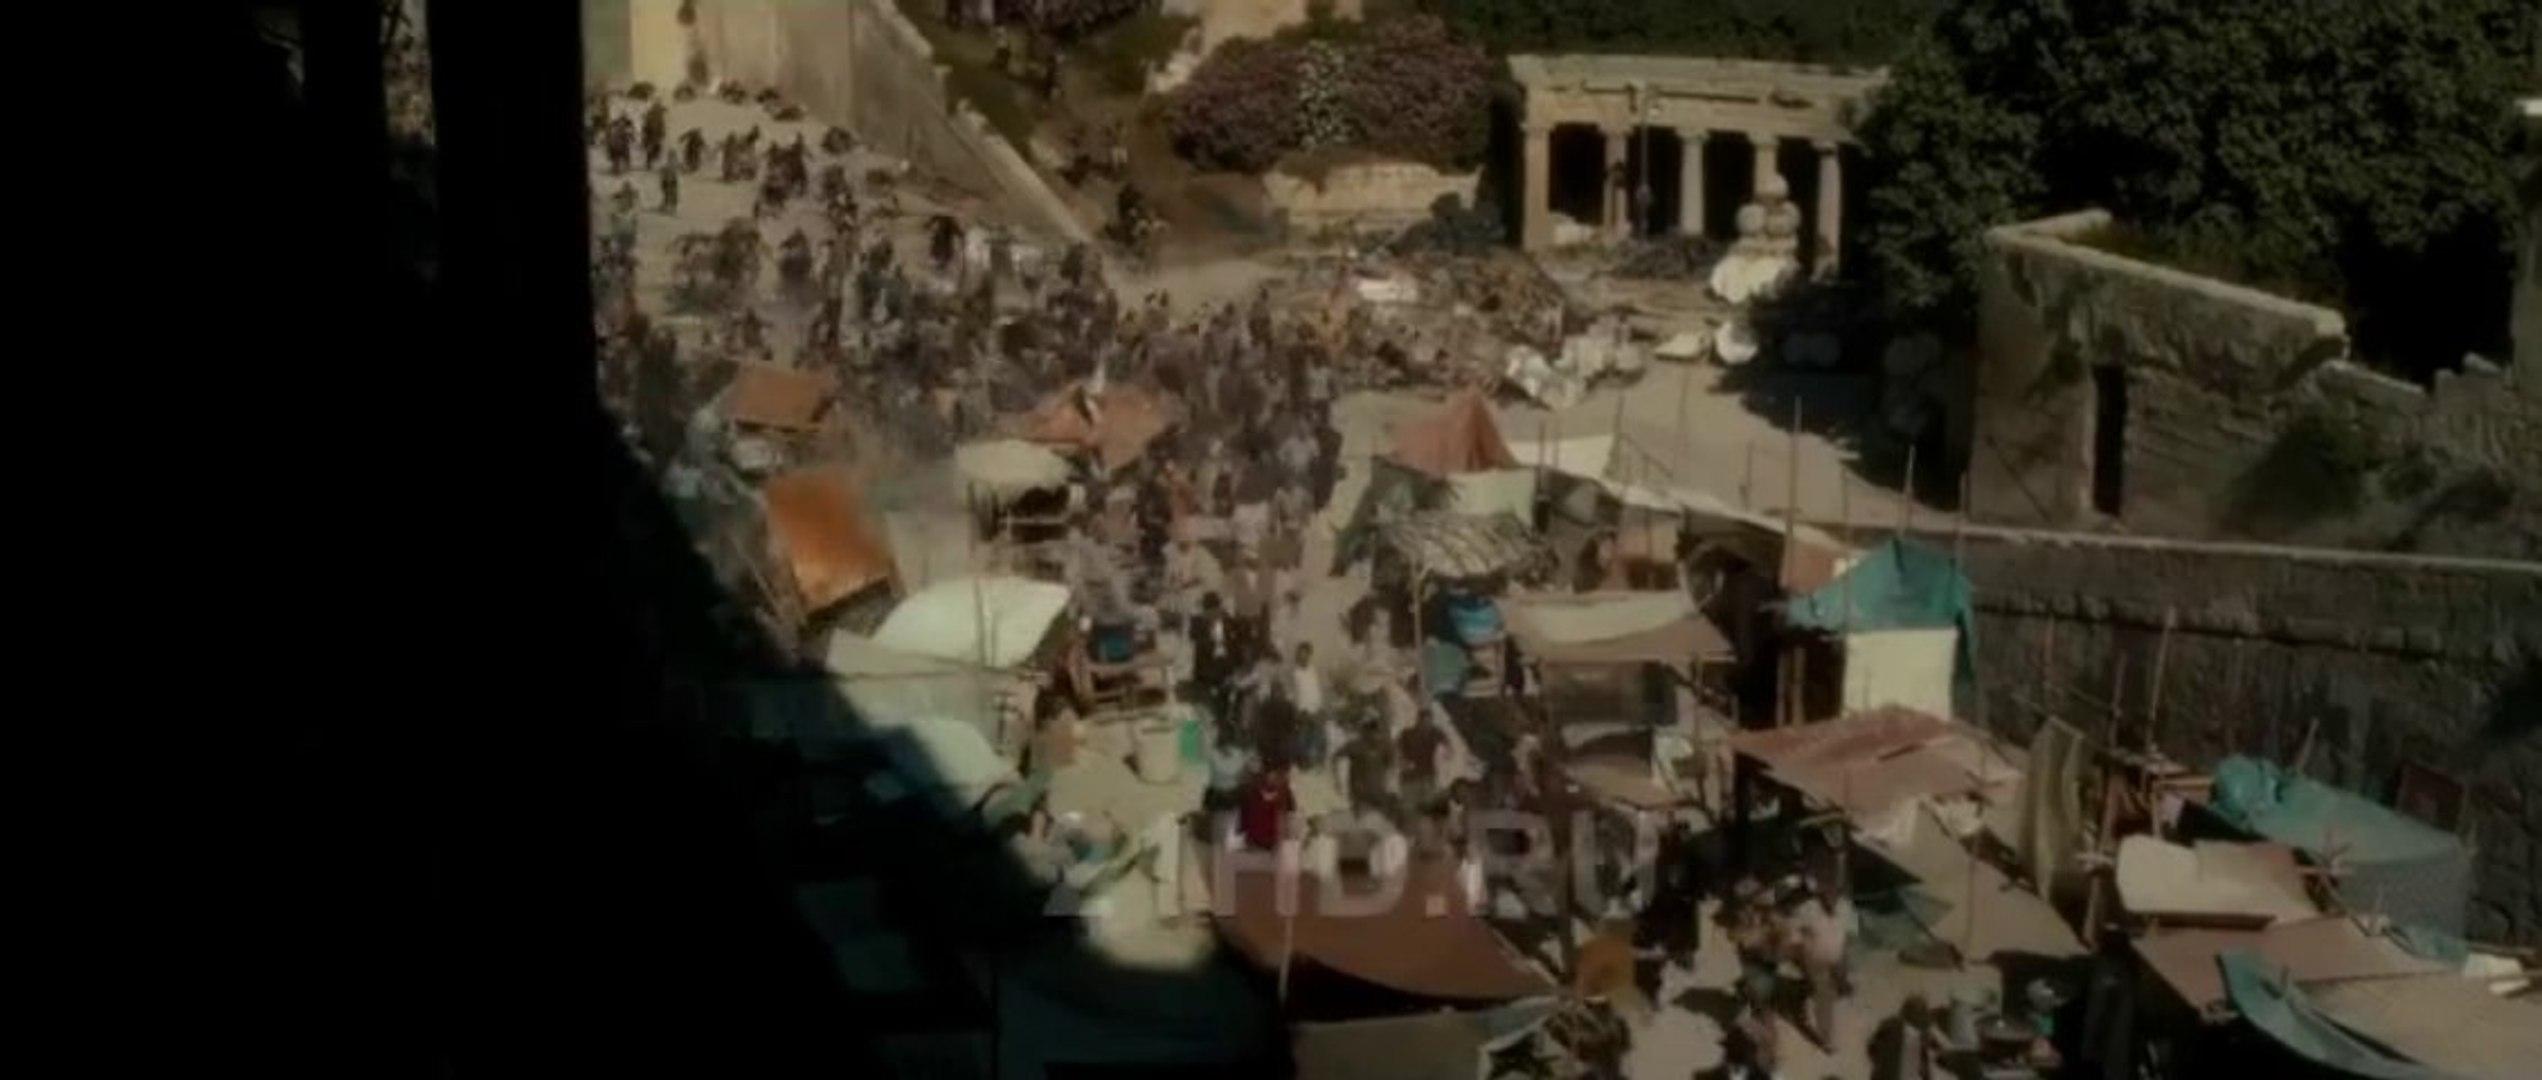 Film - Война миров Z смотреть онлайн в хорошем качестве HD-720p 2013 - kino super